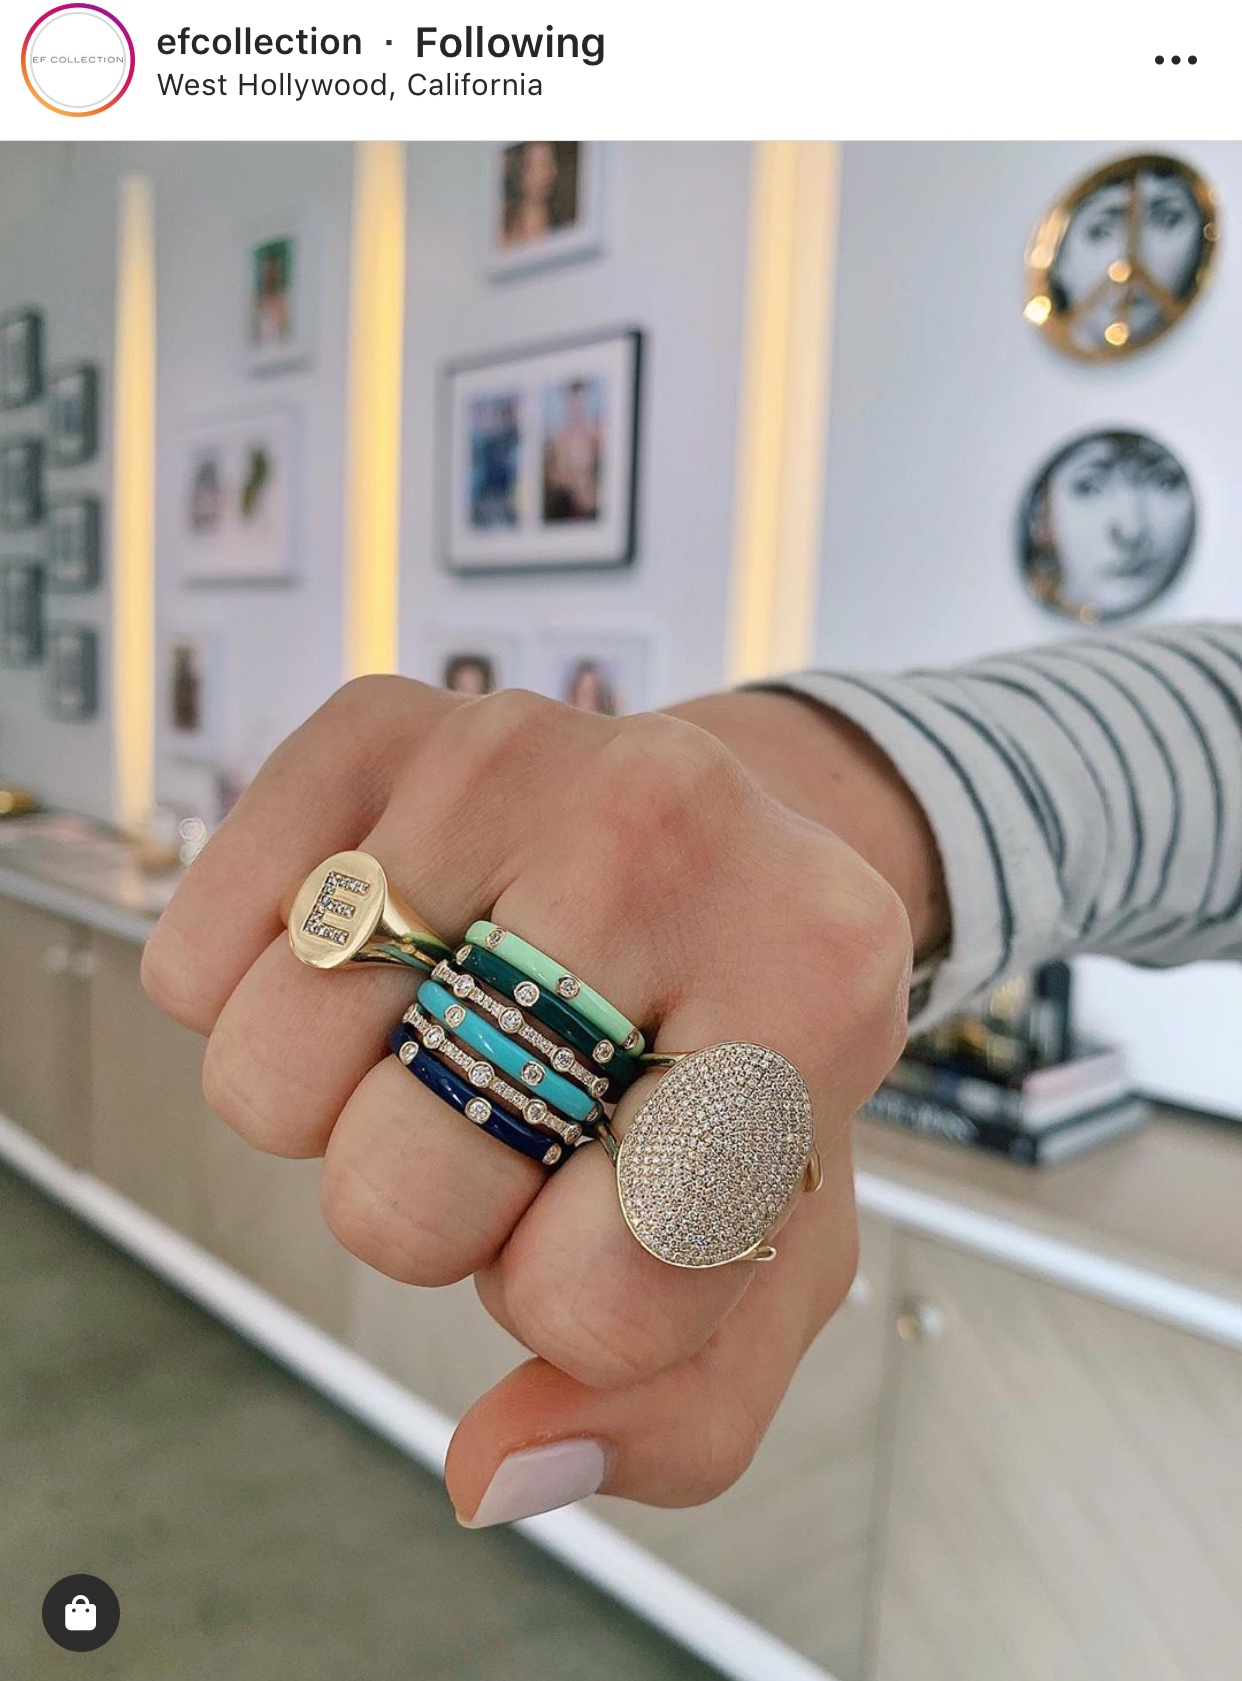 Esse anel de dedinho e as alianças coloridas, um de cada por favor.  From @efcollection